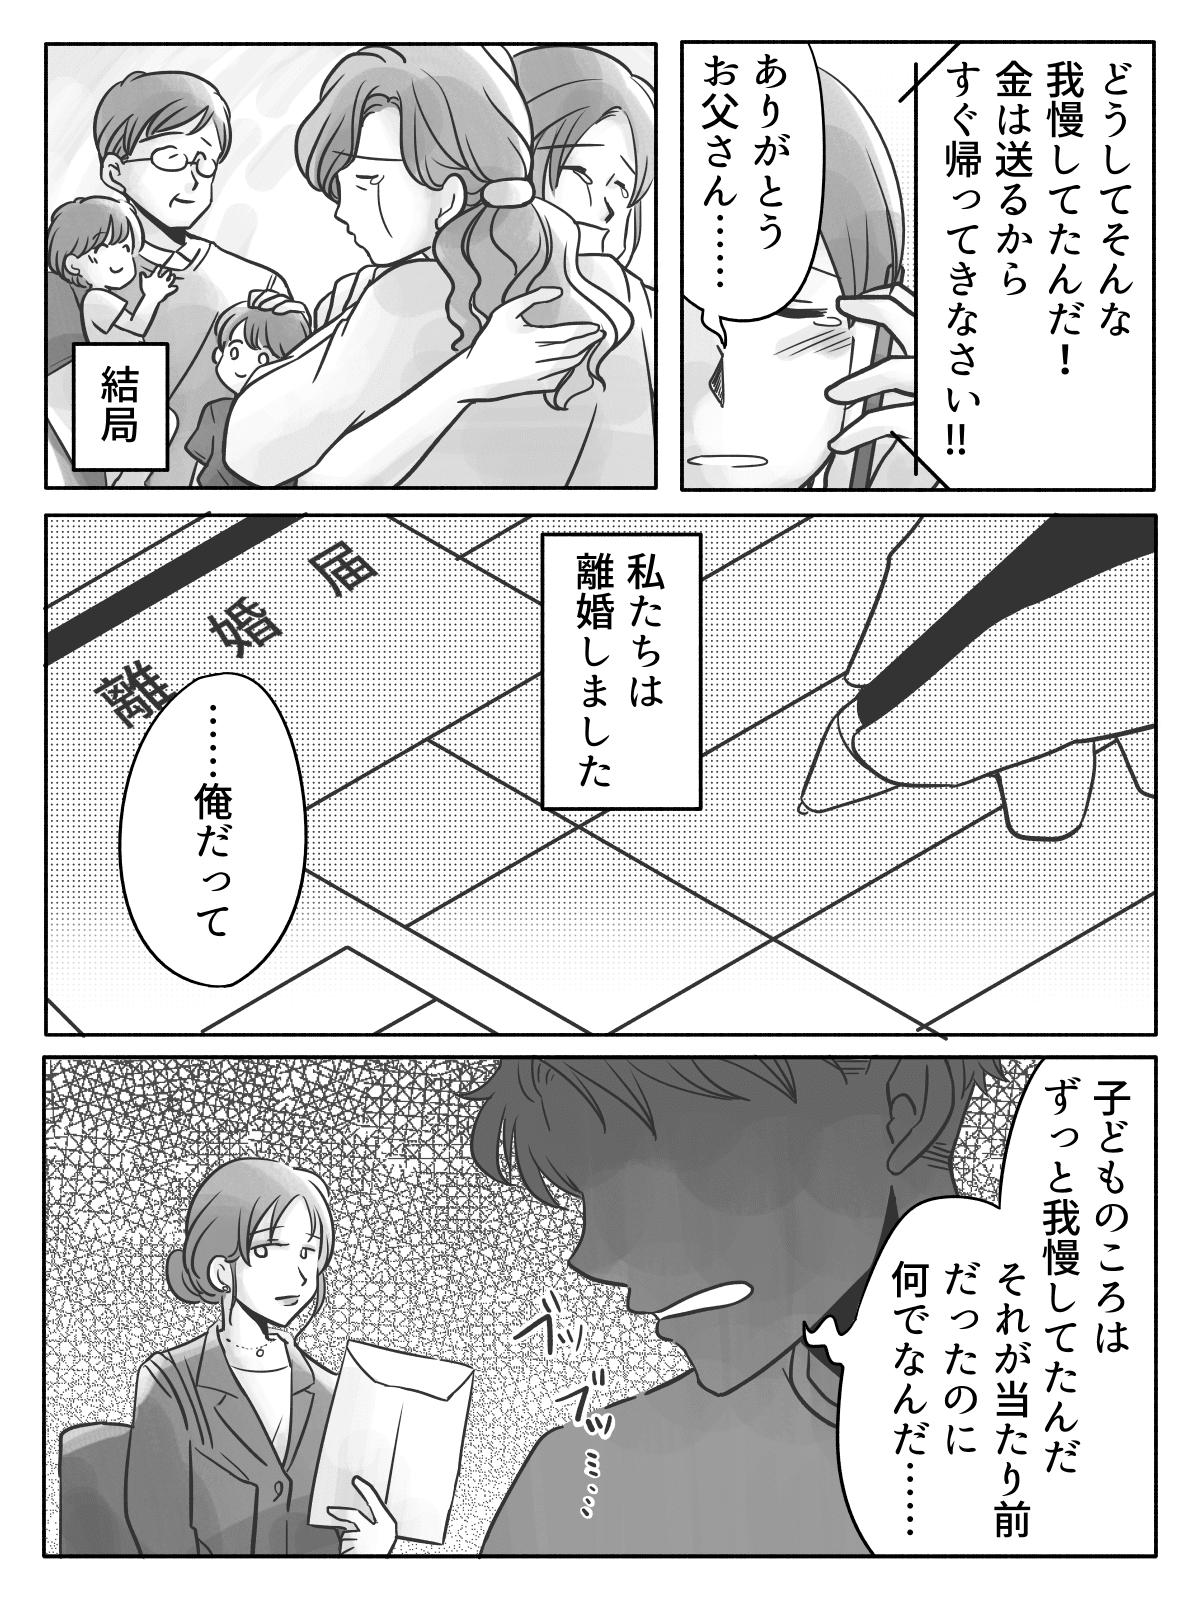 経済的DV後03